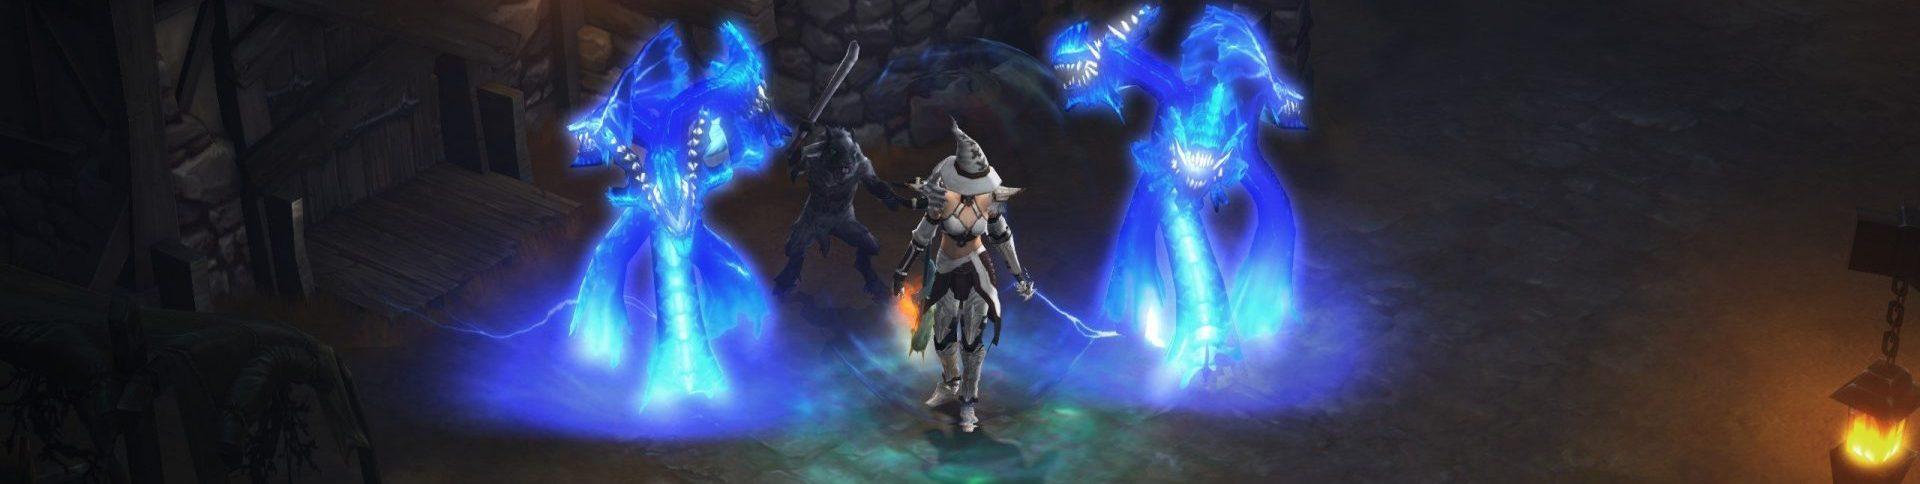 Diablo 3: RIP Gen Monk for Season 10, Hello Lightning-Hydra Wizard